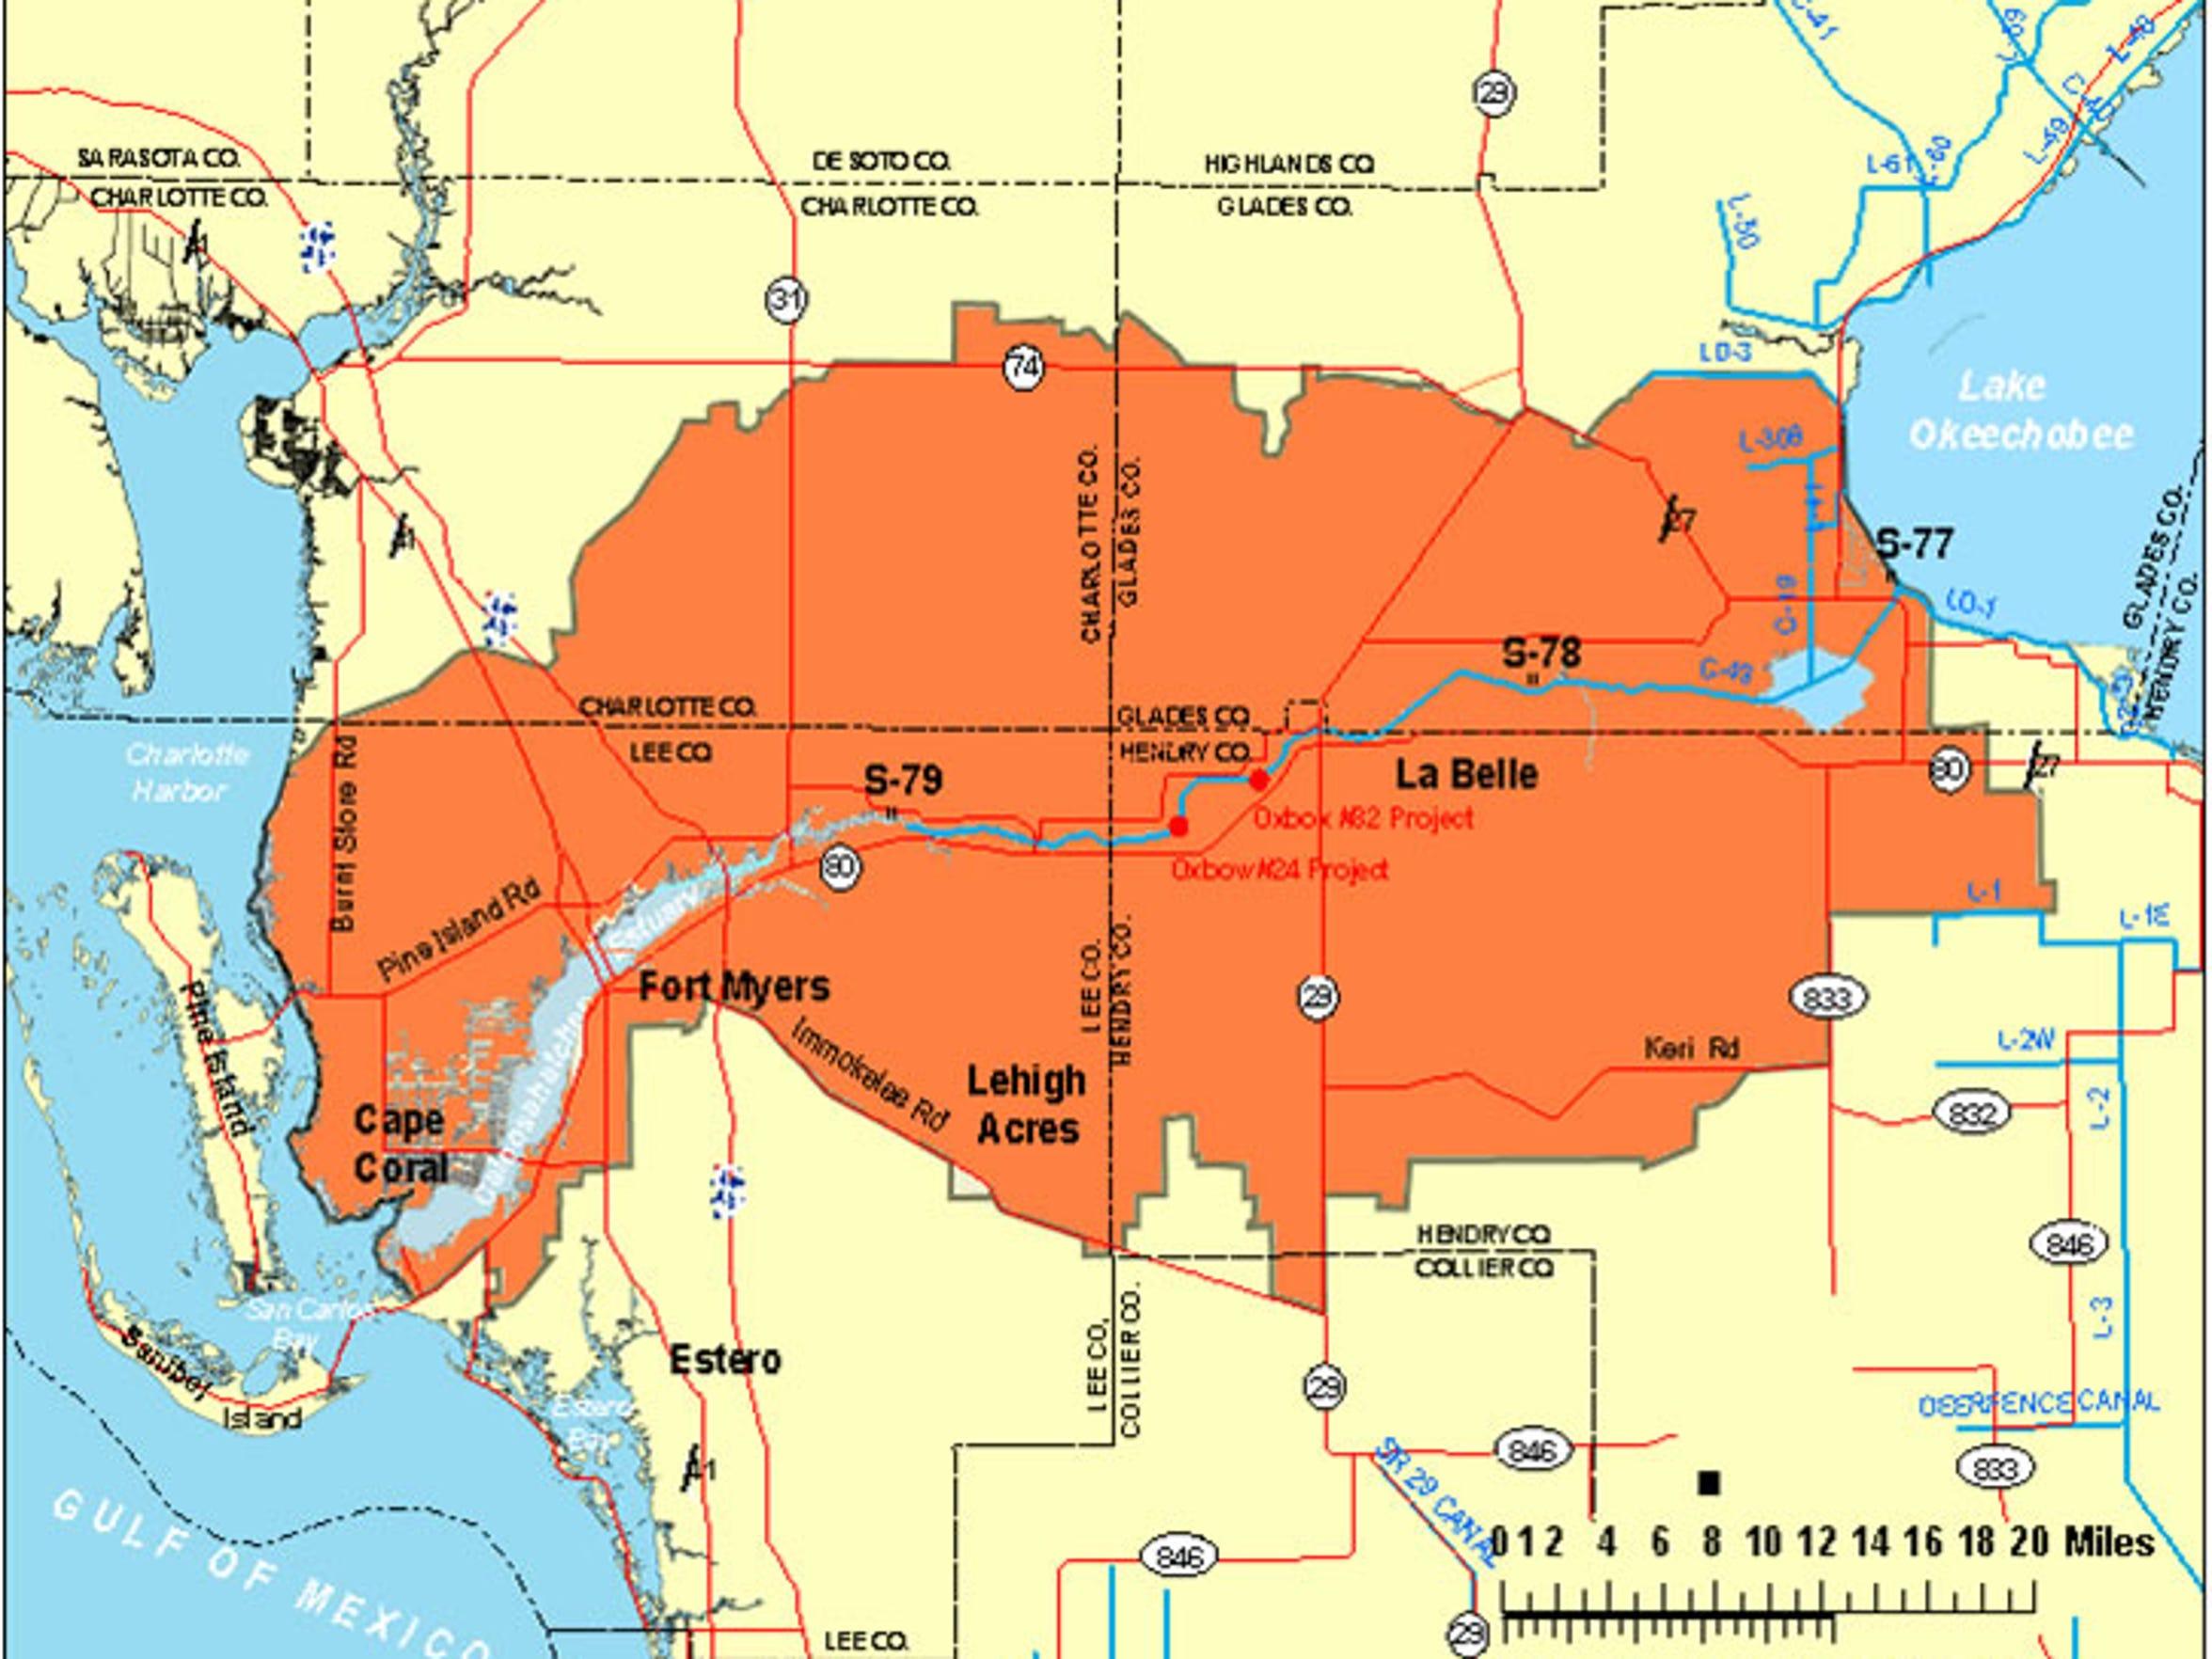 Caloosahatchee River (C43) West Basin Storage Reservoir Project